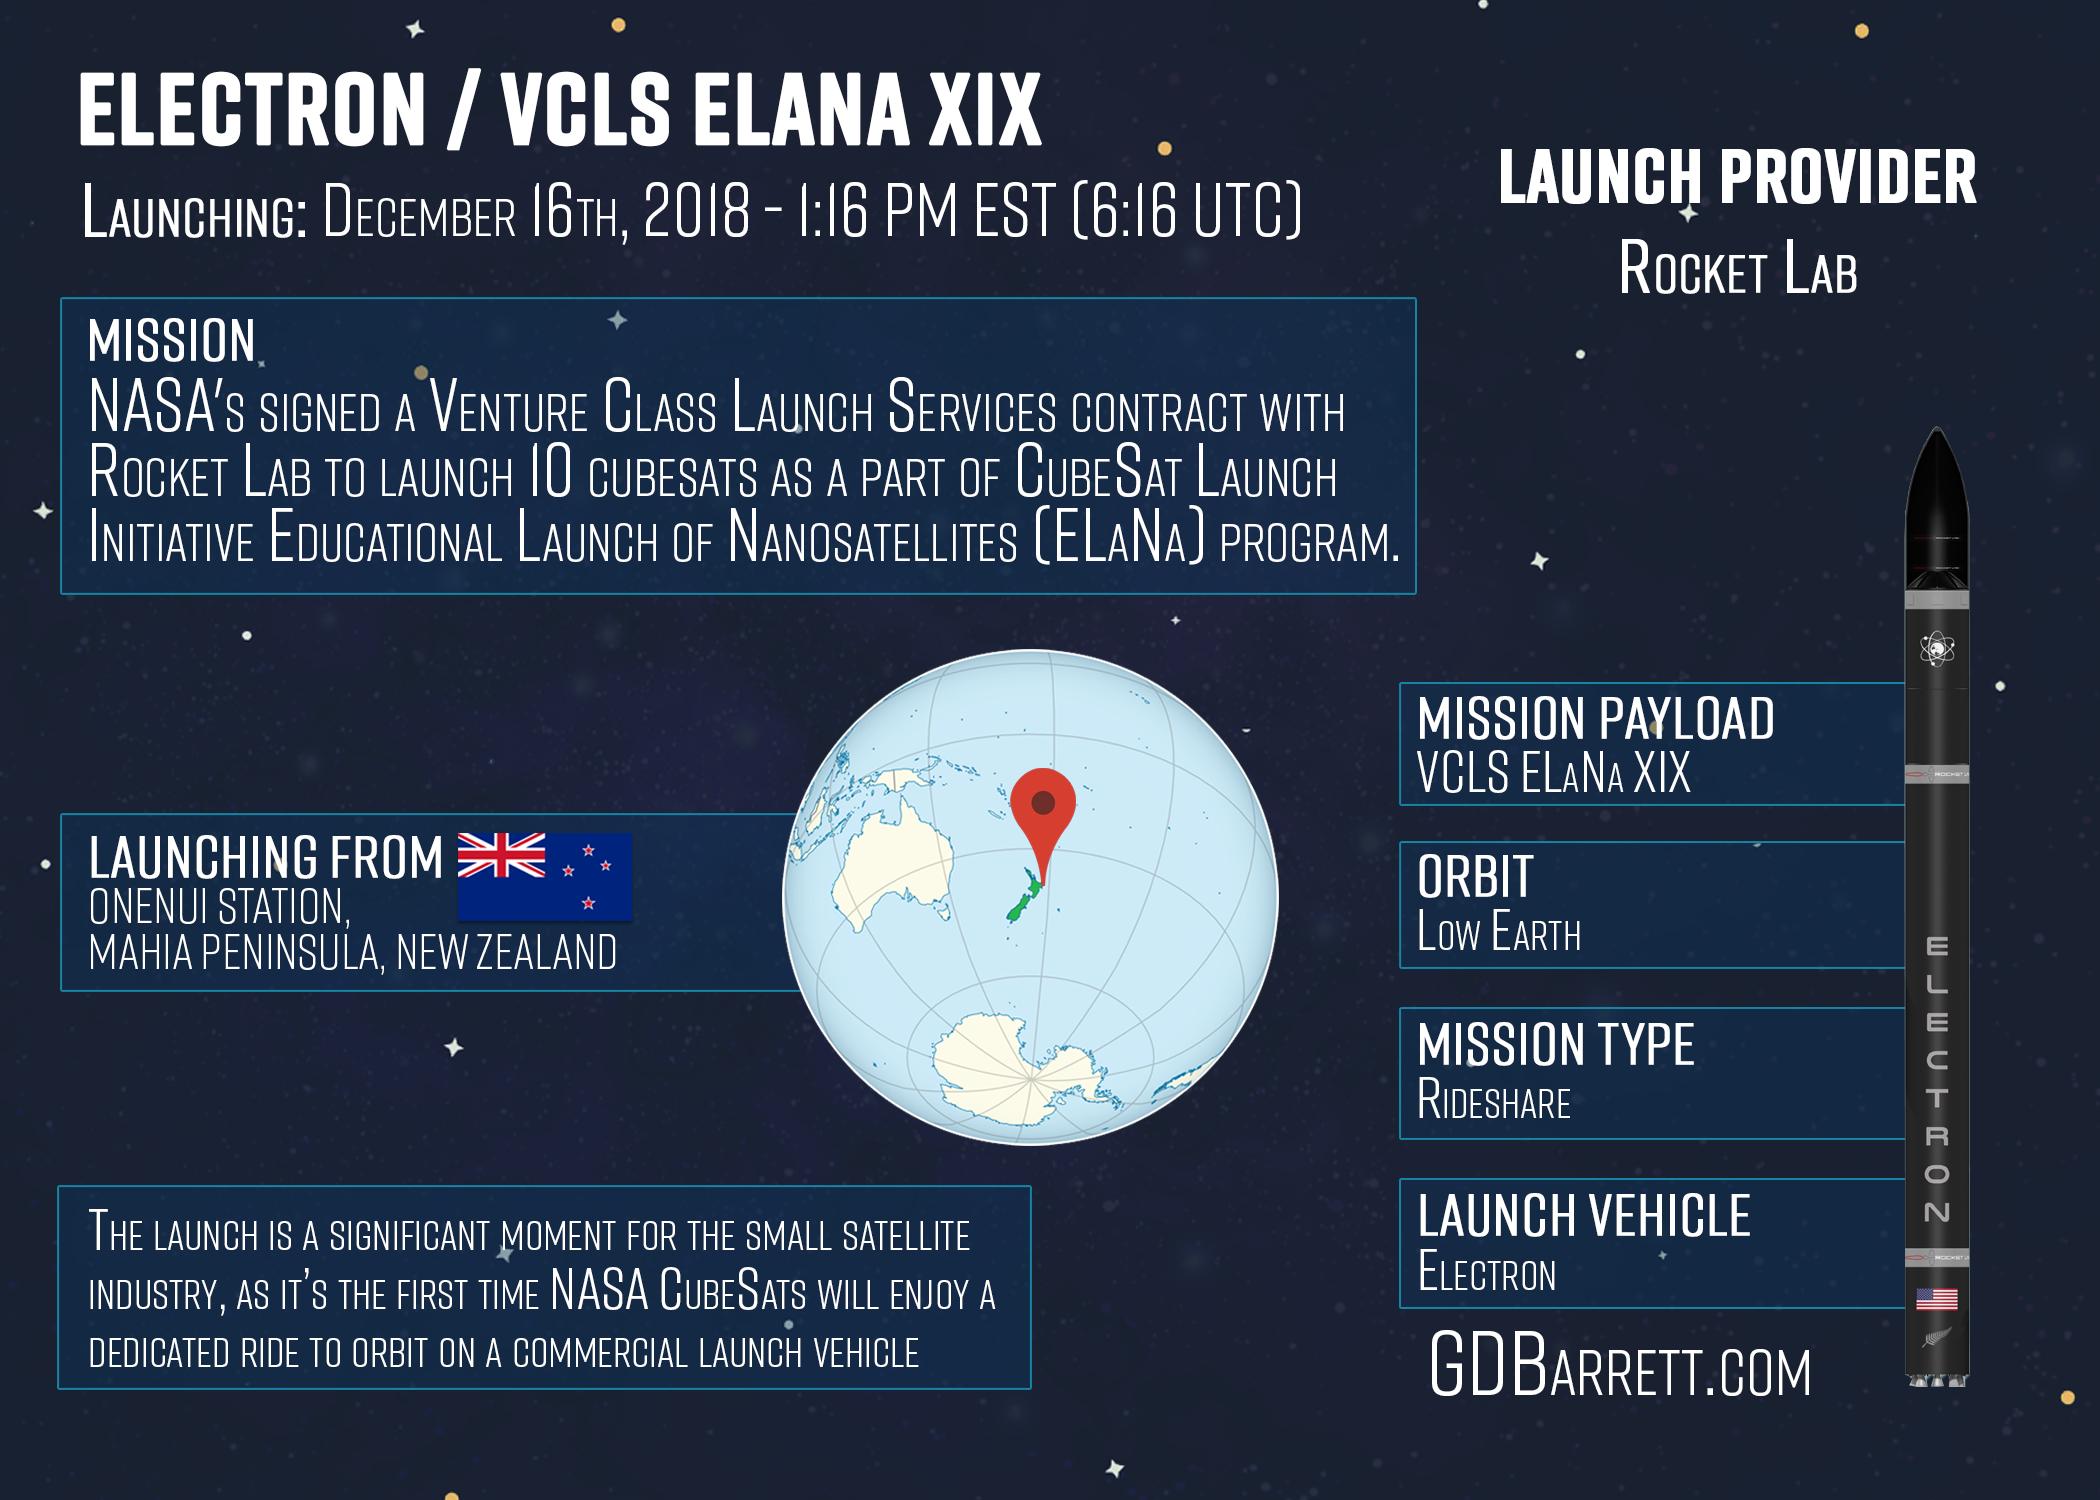 VCLS / ELaNa XIX